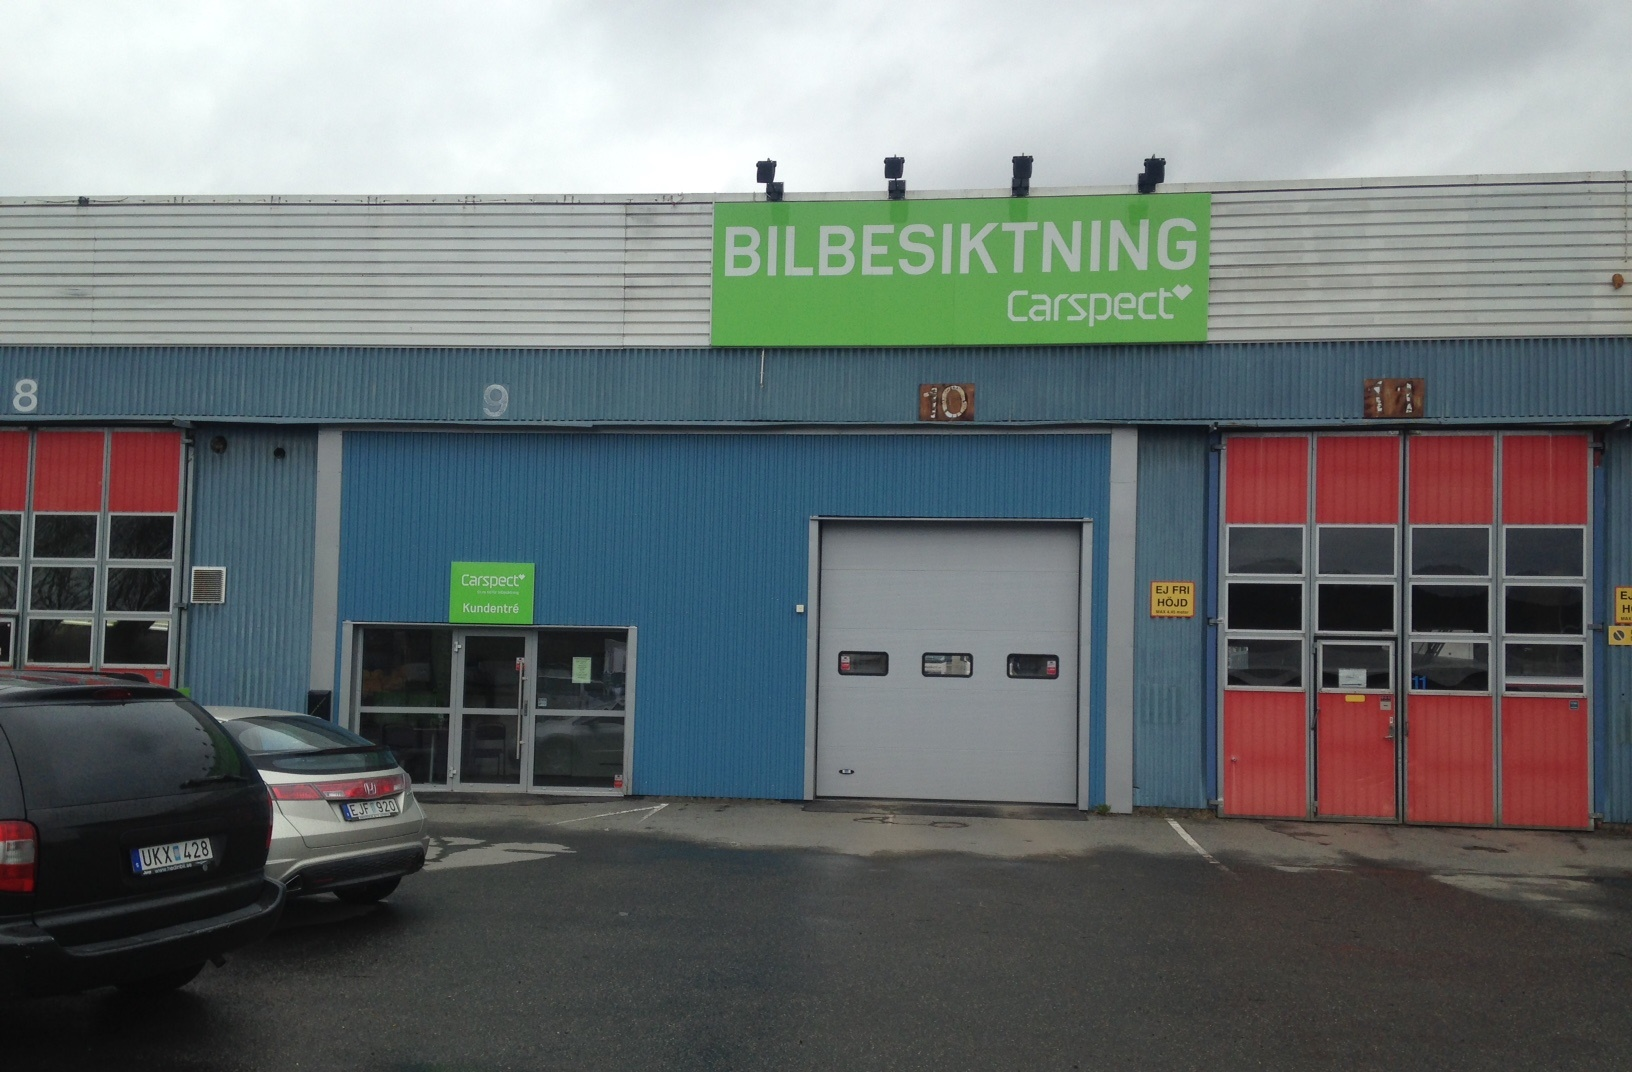 Carsepcts besiktningsstation i Göteborg, Hisnings Backa